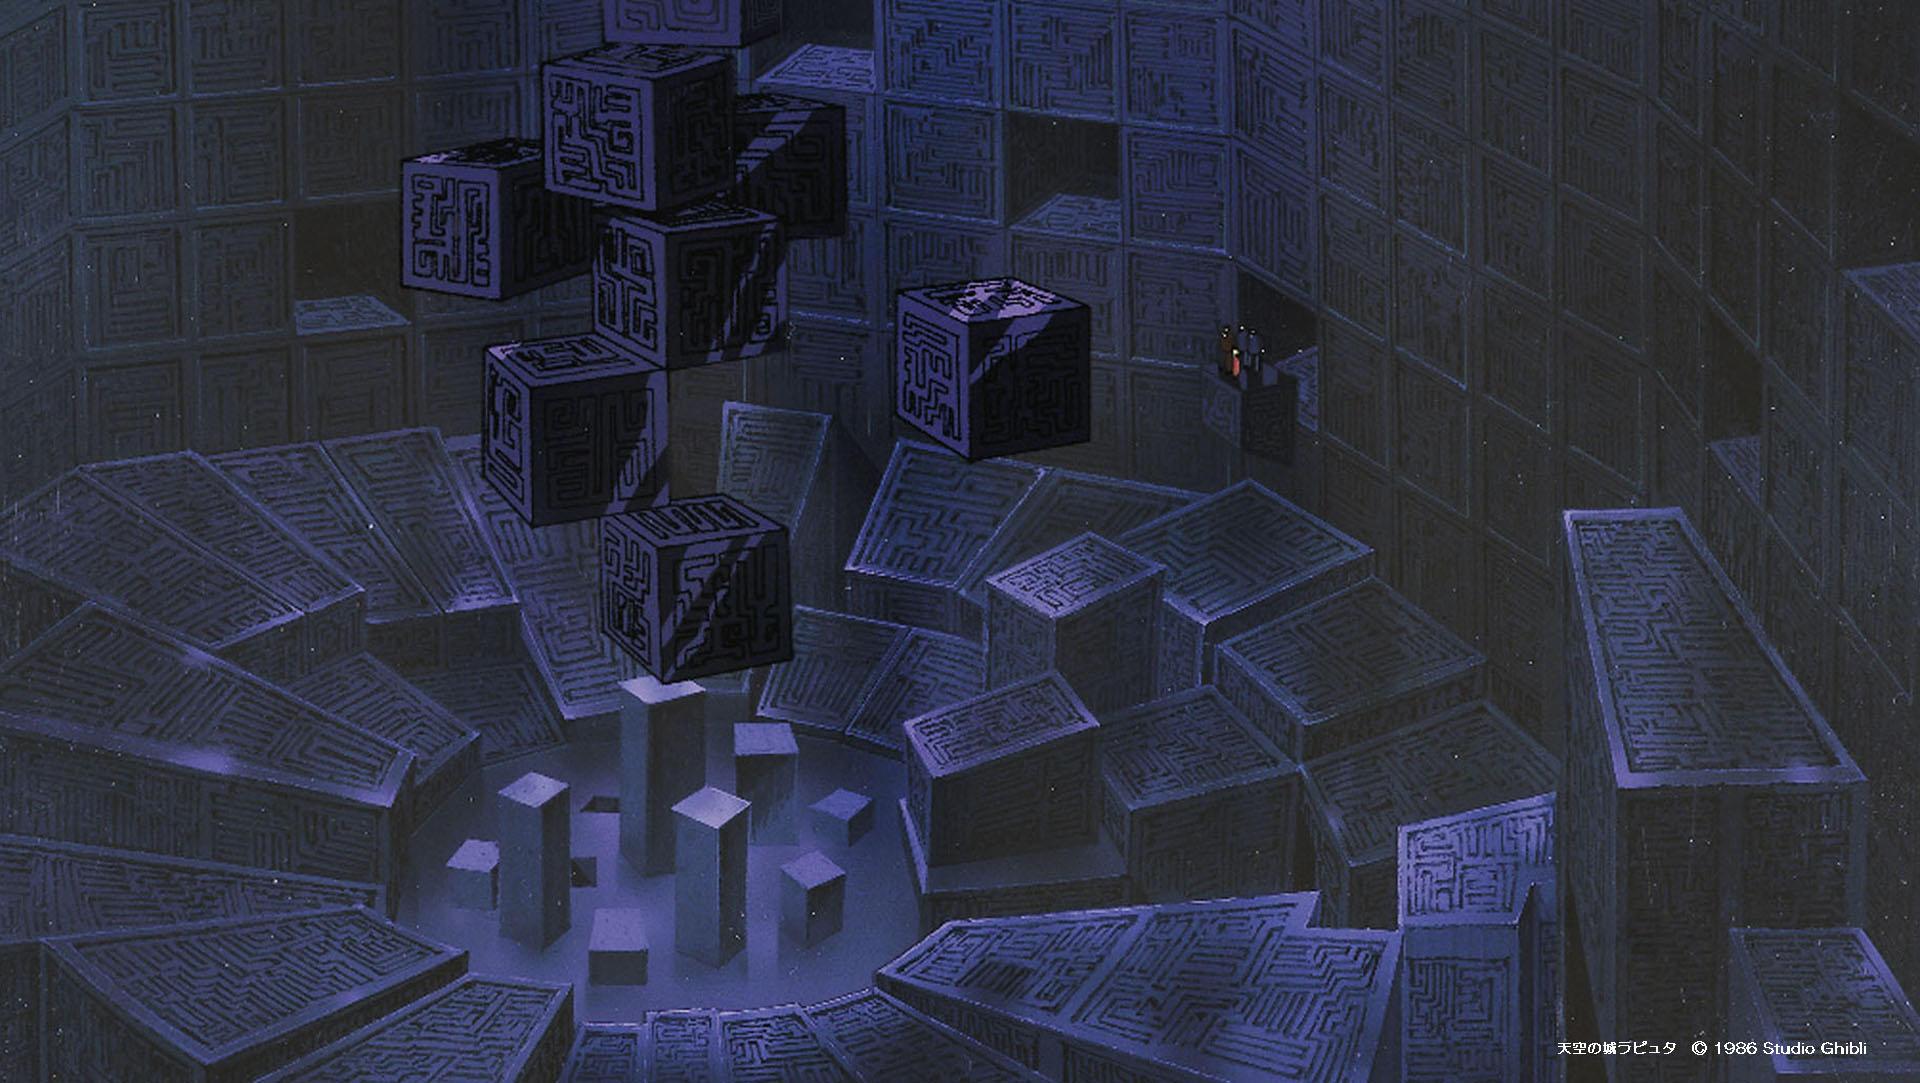 吉卜力提供免费视频会议背景素材,让你置身宫崎骏动画世界插图(6)